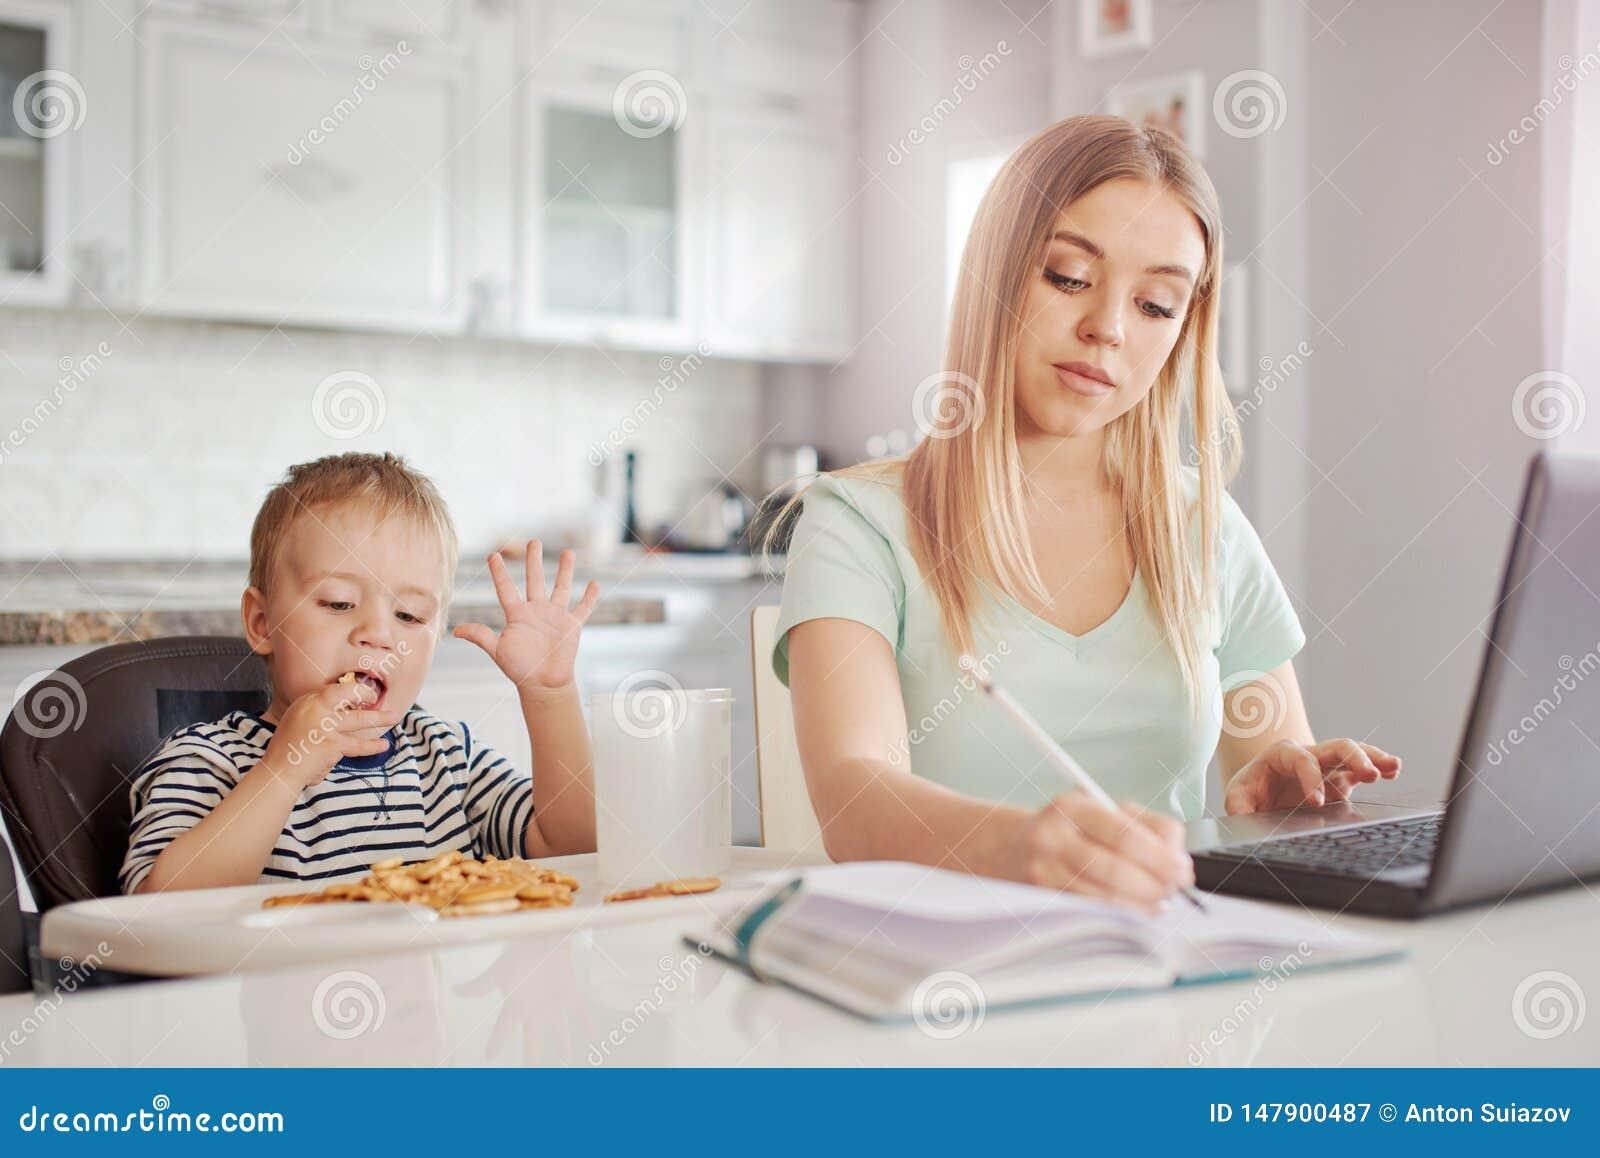 Работающая мать с ребенком в кухне